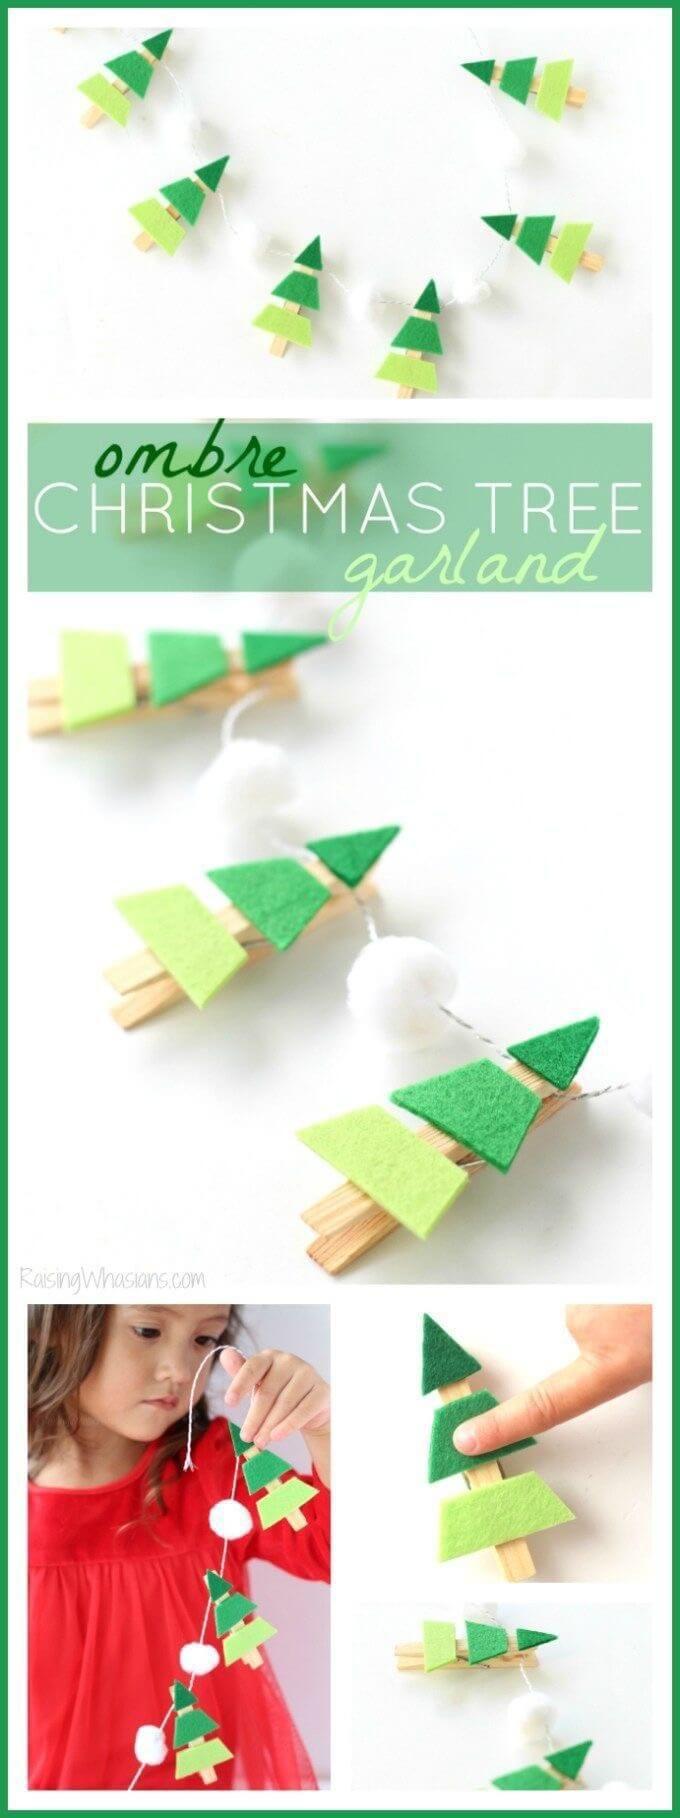 Geschenke basteln mit Kindern für Weihnachten oder Geburtstag #christbaumschmuckbastelnkinder